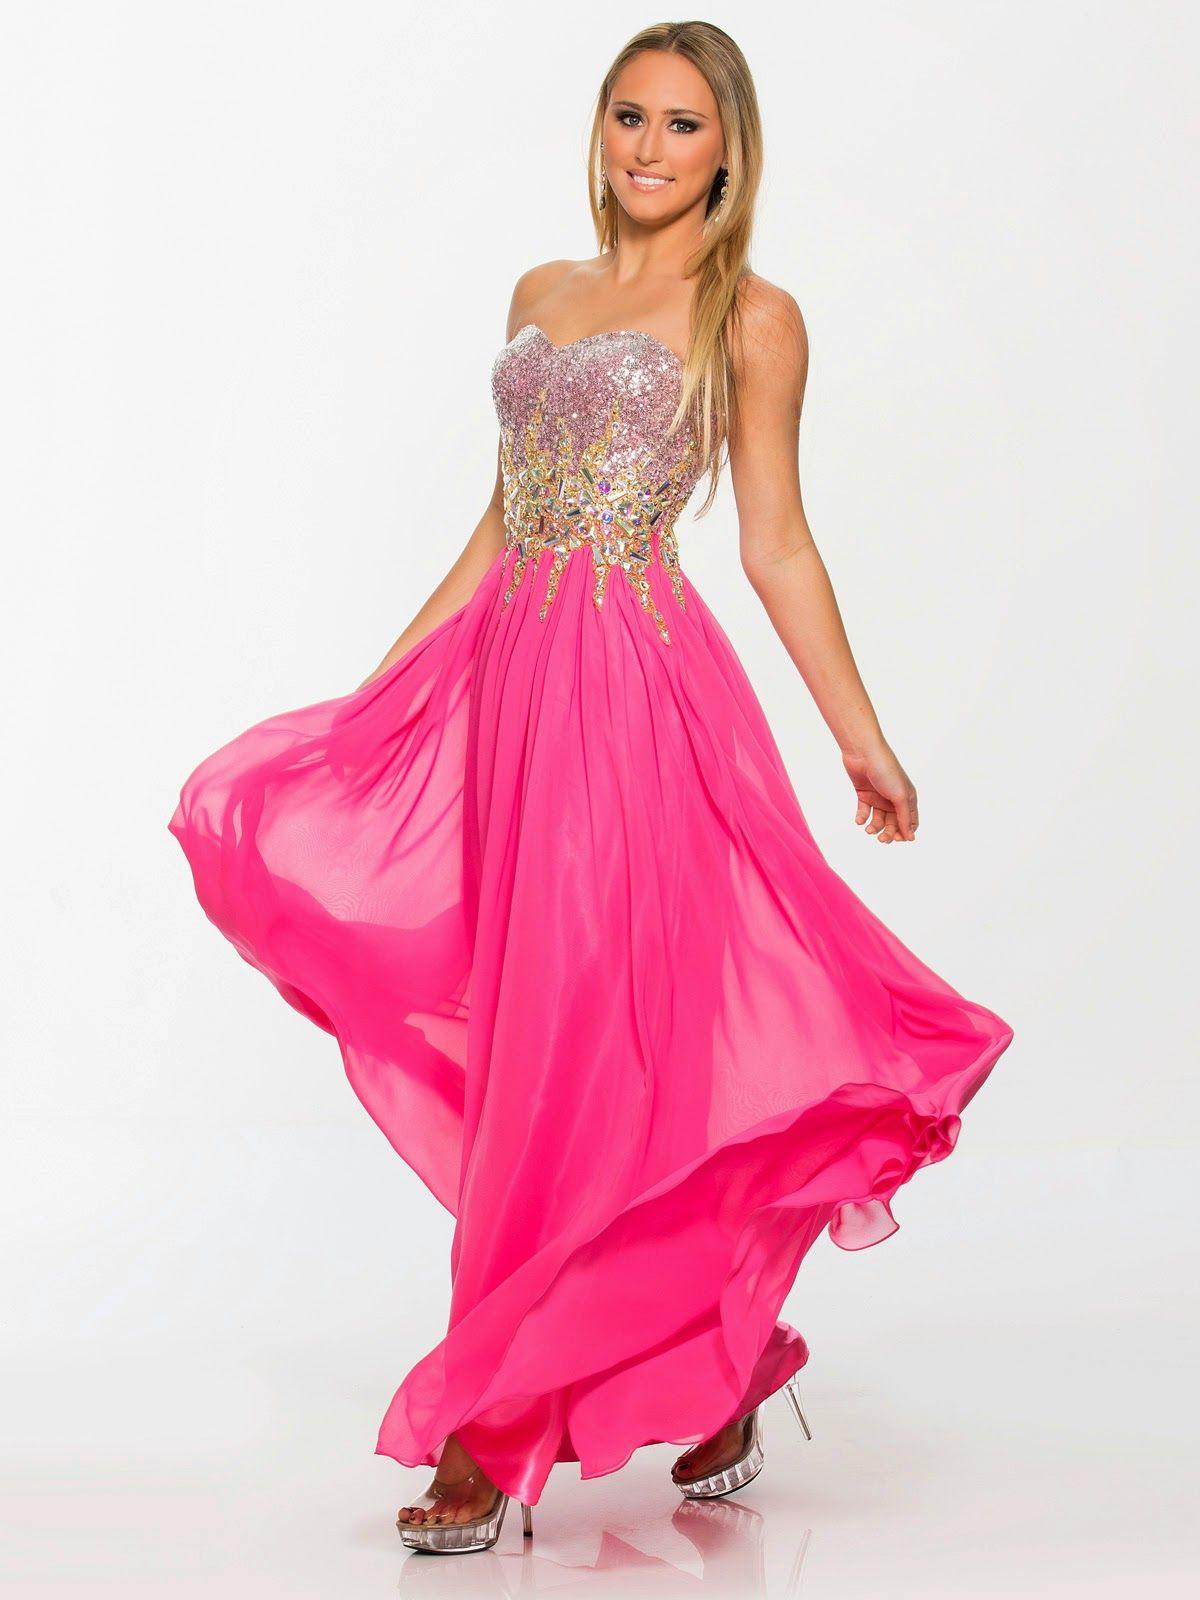 Magnificos vestidos de fiesta lagos | Vestidos de fiesta de gala ...